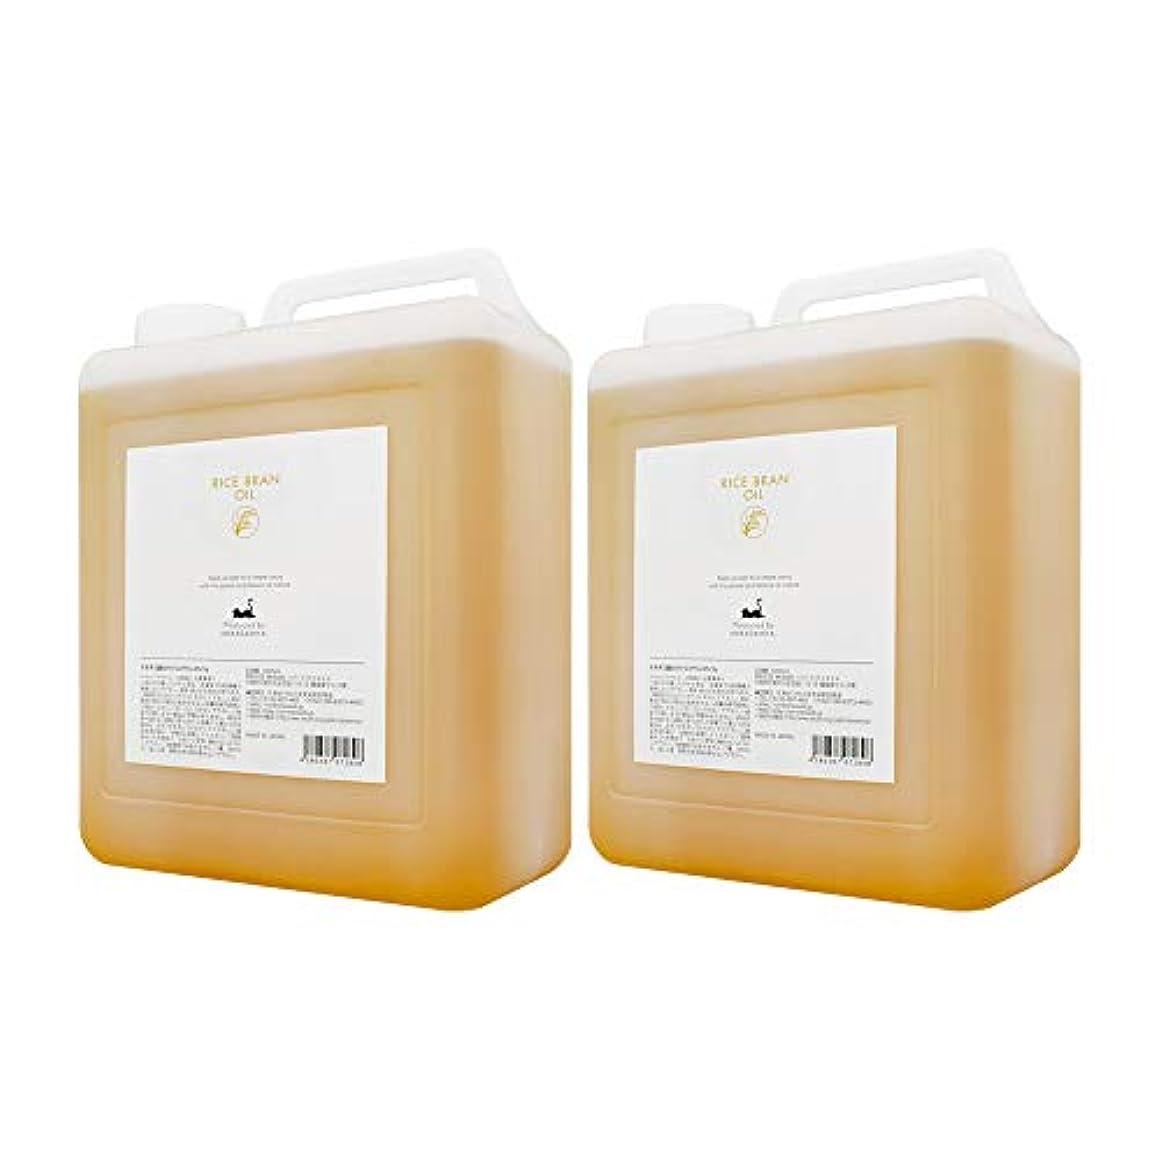 力強いパテペチュランスライスブランオイル3000ml×2本 (米油 米ぬか油 ライスオイル/コック付) 高級サロン仕様 マッサージオイル キャリアオイル (フェイス/ボディ用) 業務用?大容量